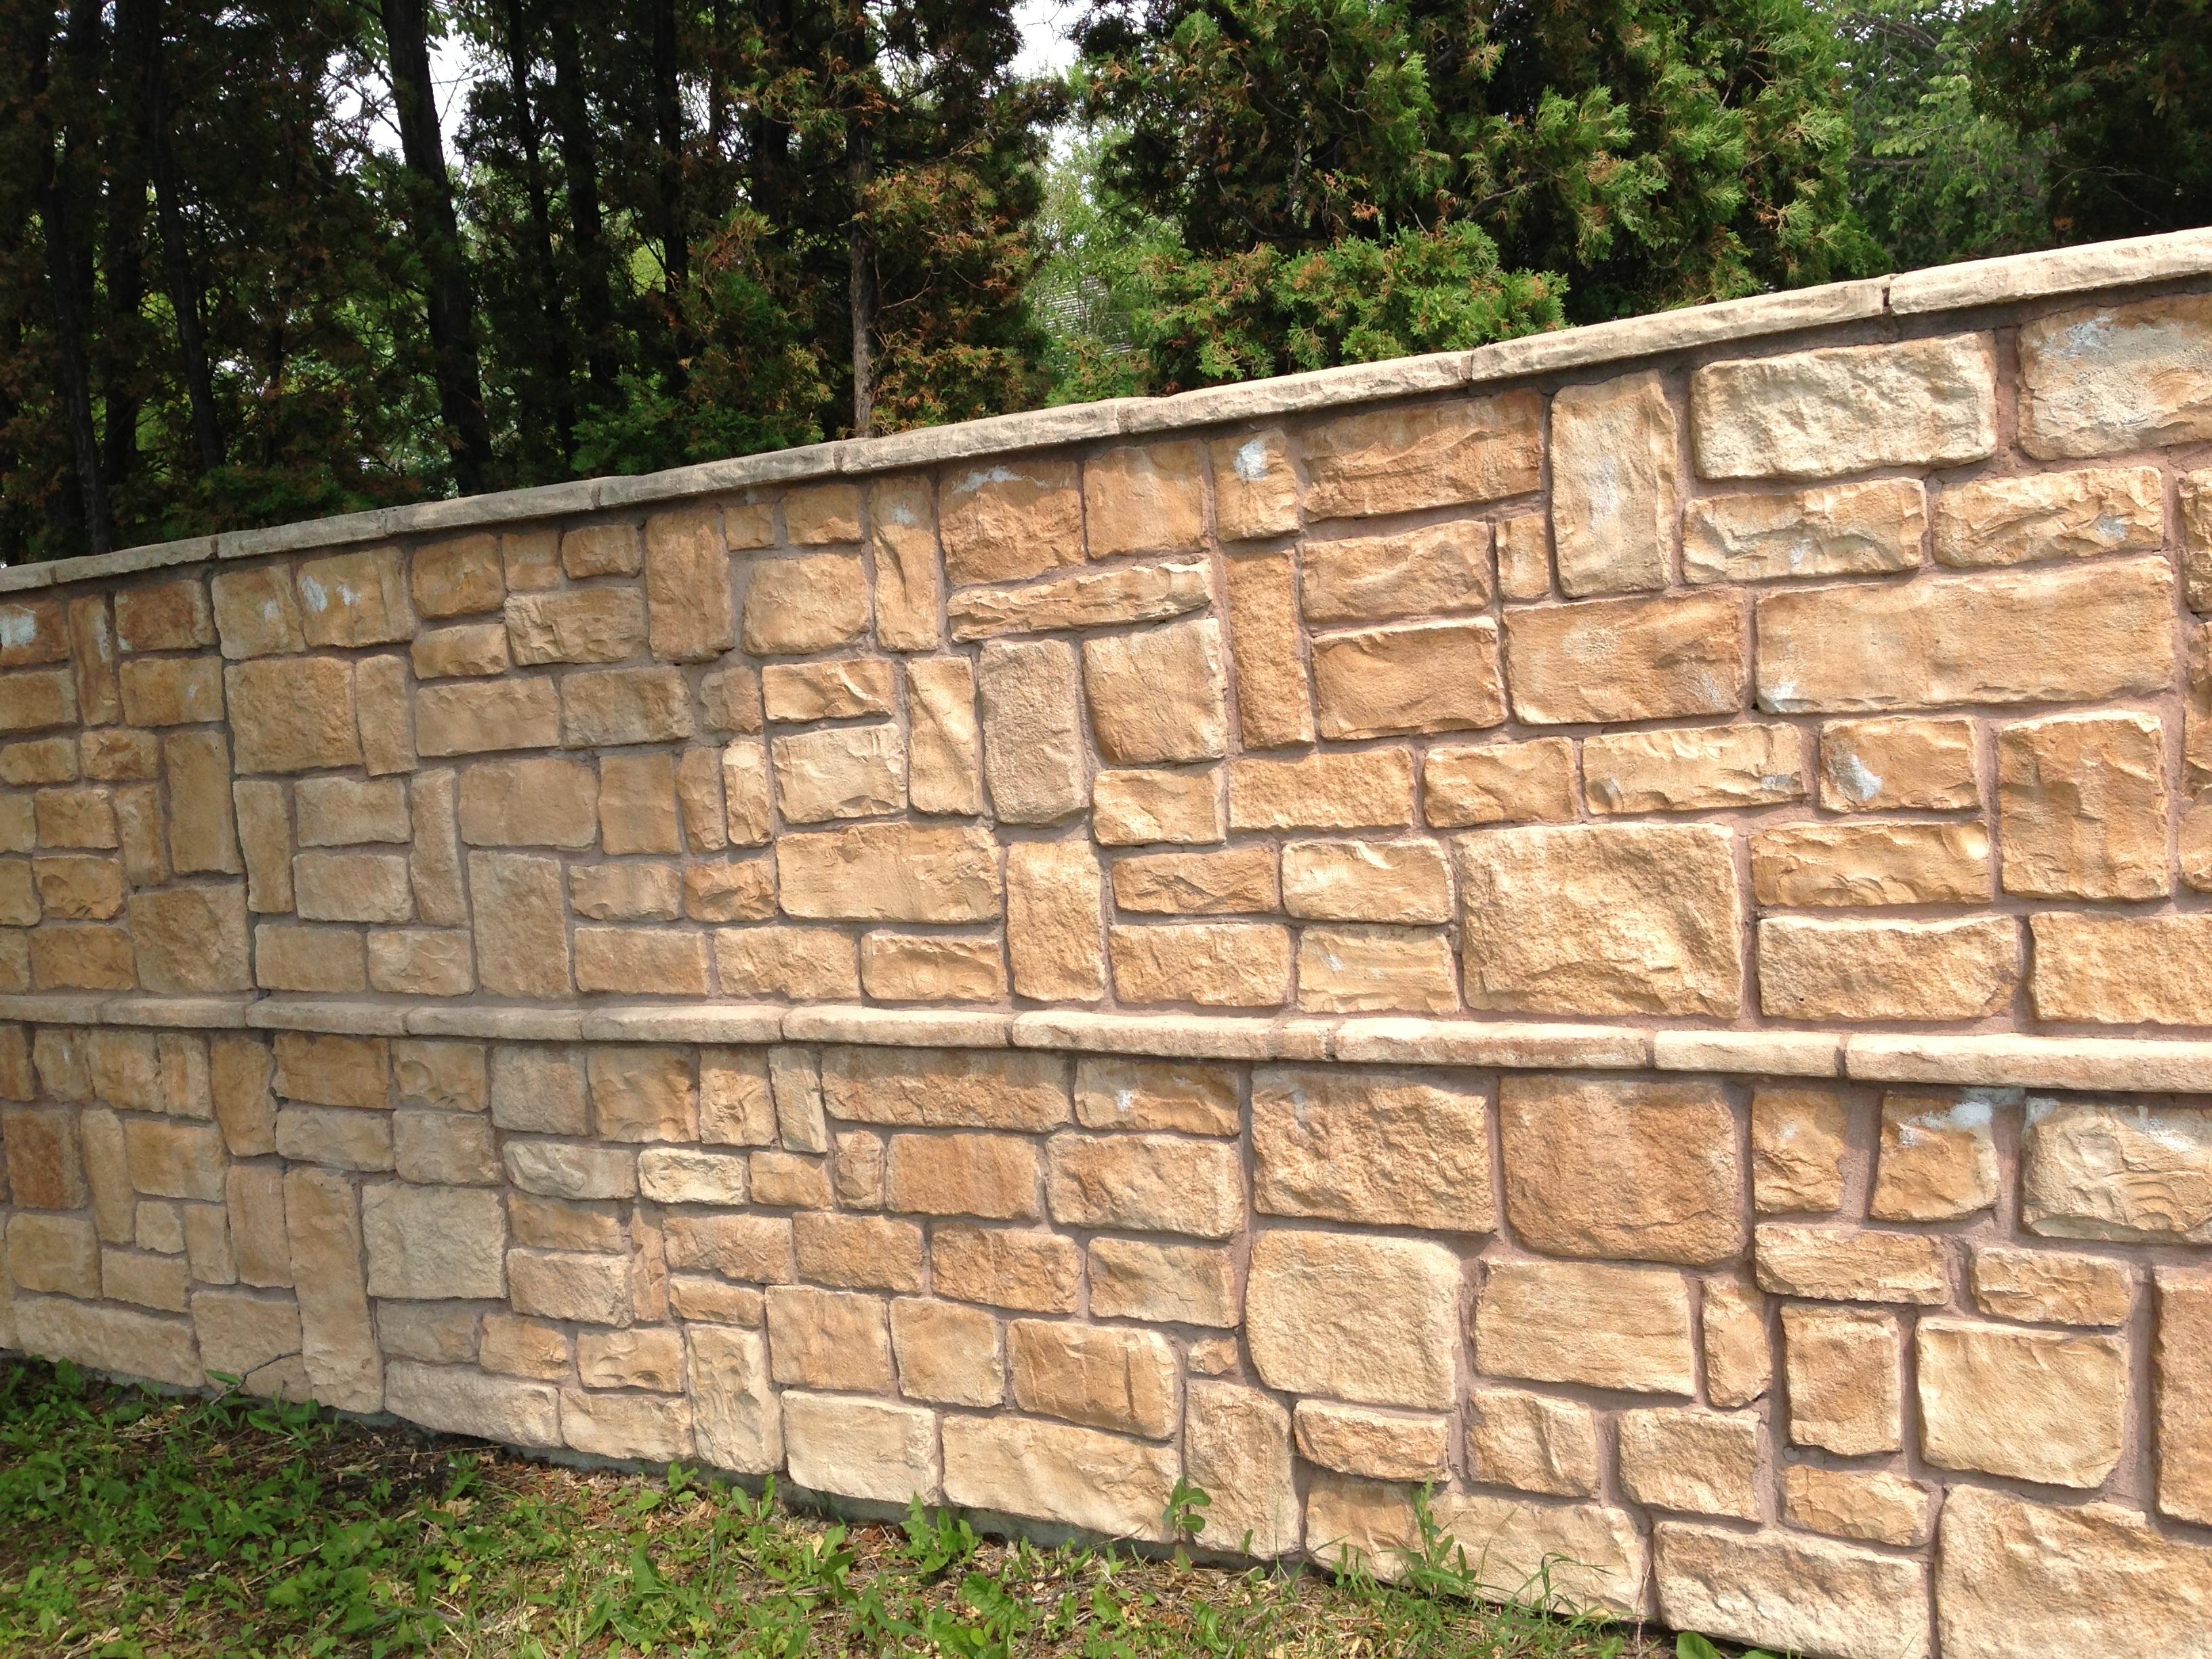 rock estructura retro textura pared piedra exterior pared de piedra ladrillo material texturizado ladrillos albailera slido